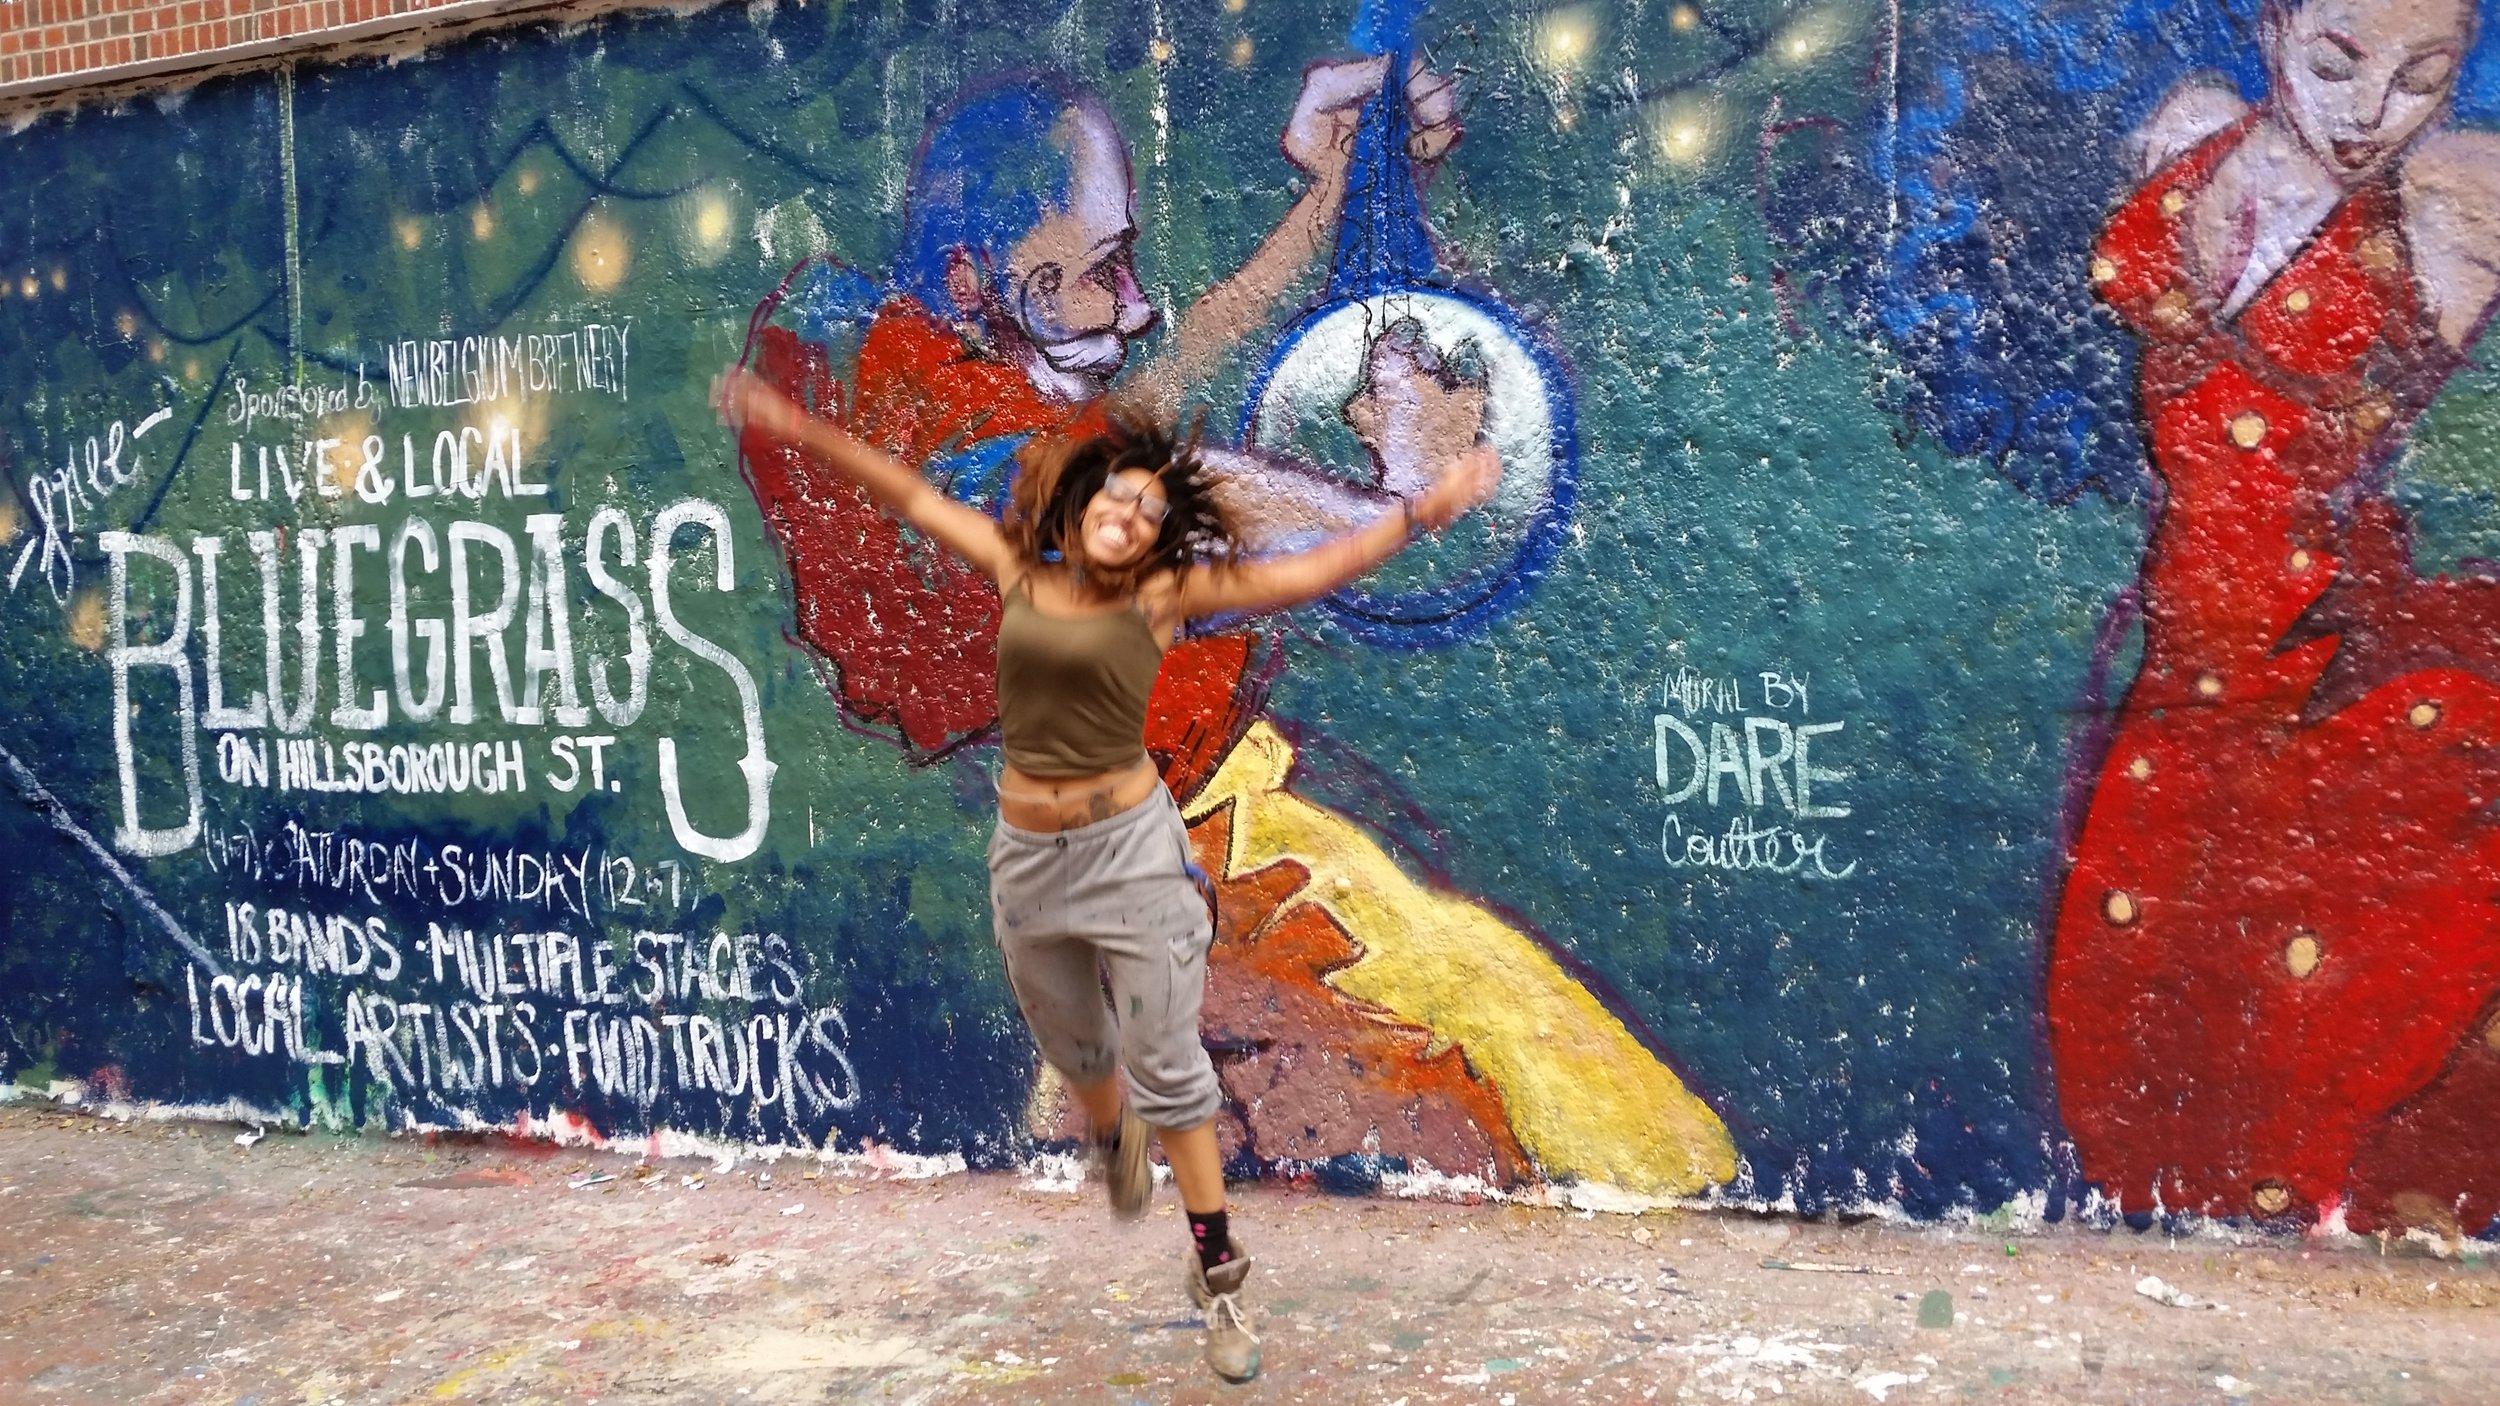 bluegrass mural